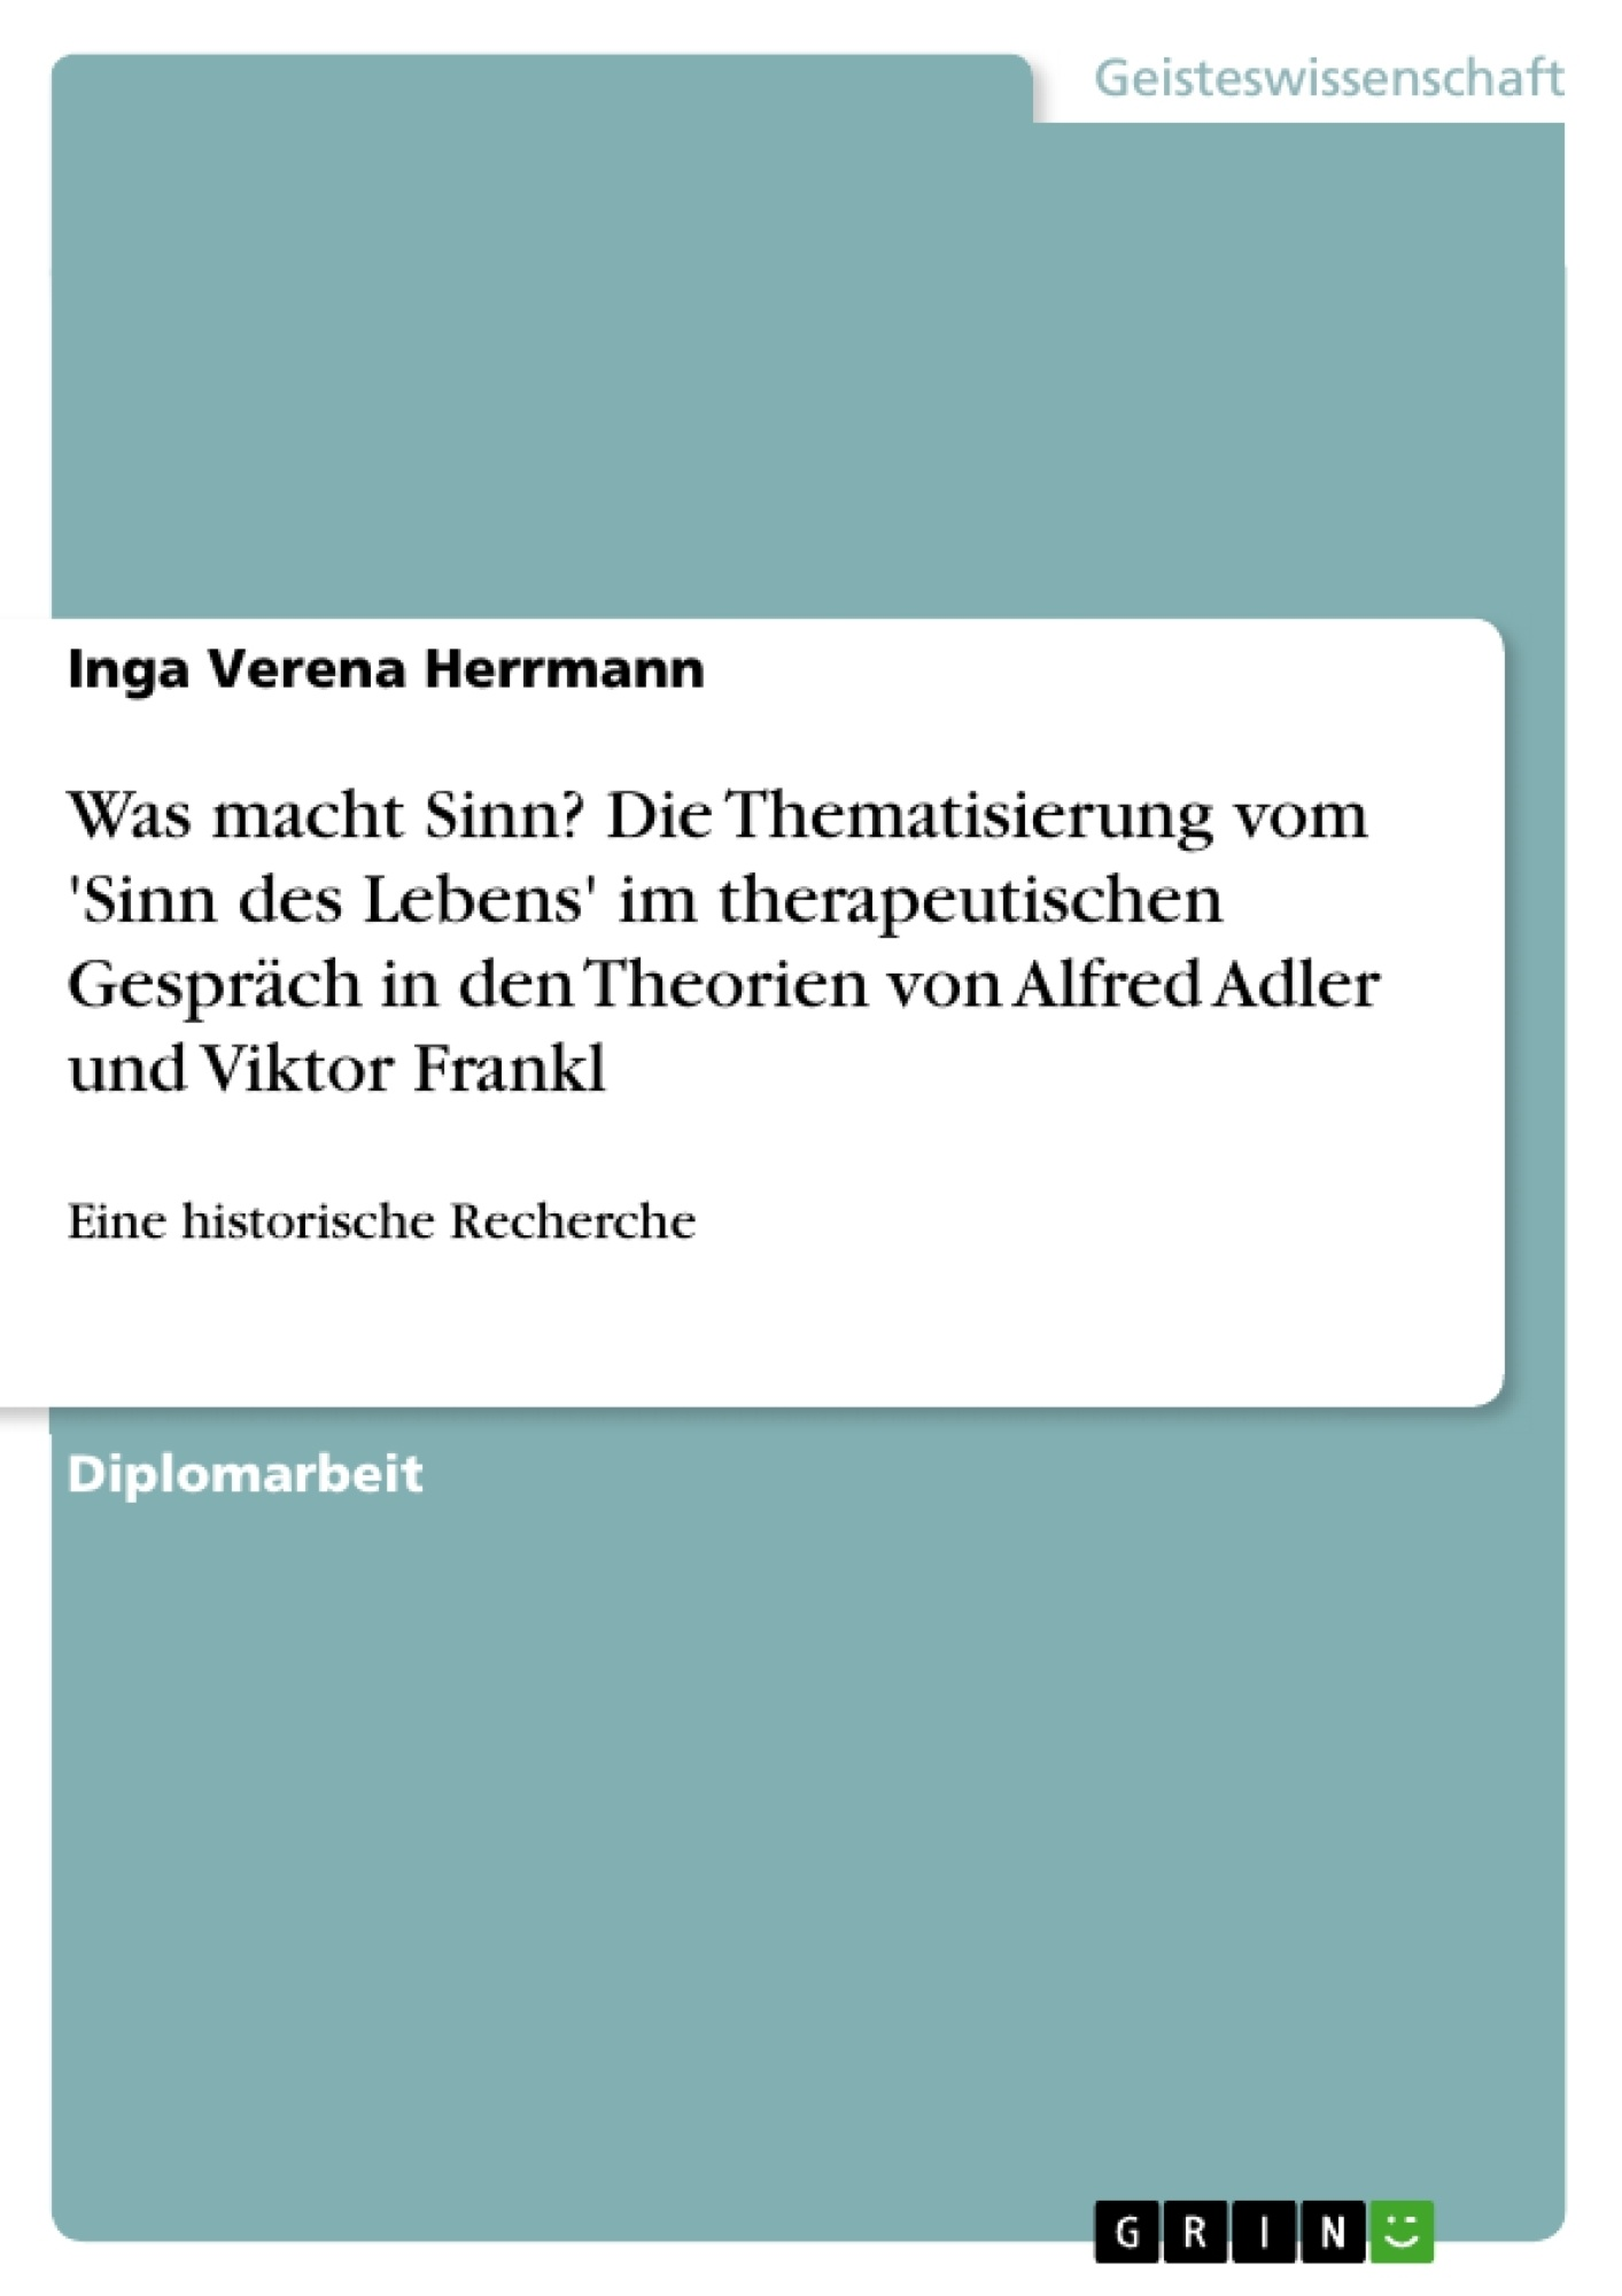 Titel: Was macht Sinn?  Die Thematisierung vom 'Sinn des Lebens' im therapeutischen Gespräch in den Theorien von Alfred Adler und Viktor Frankl